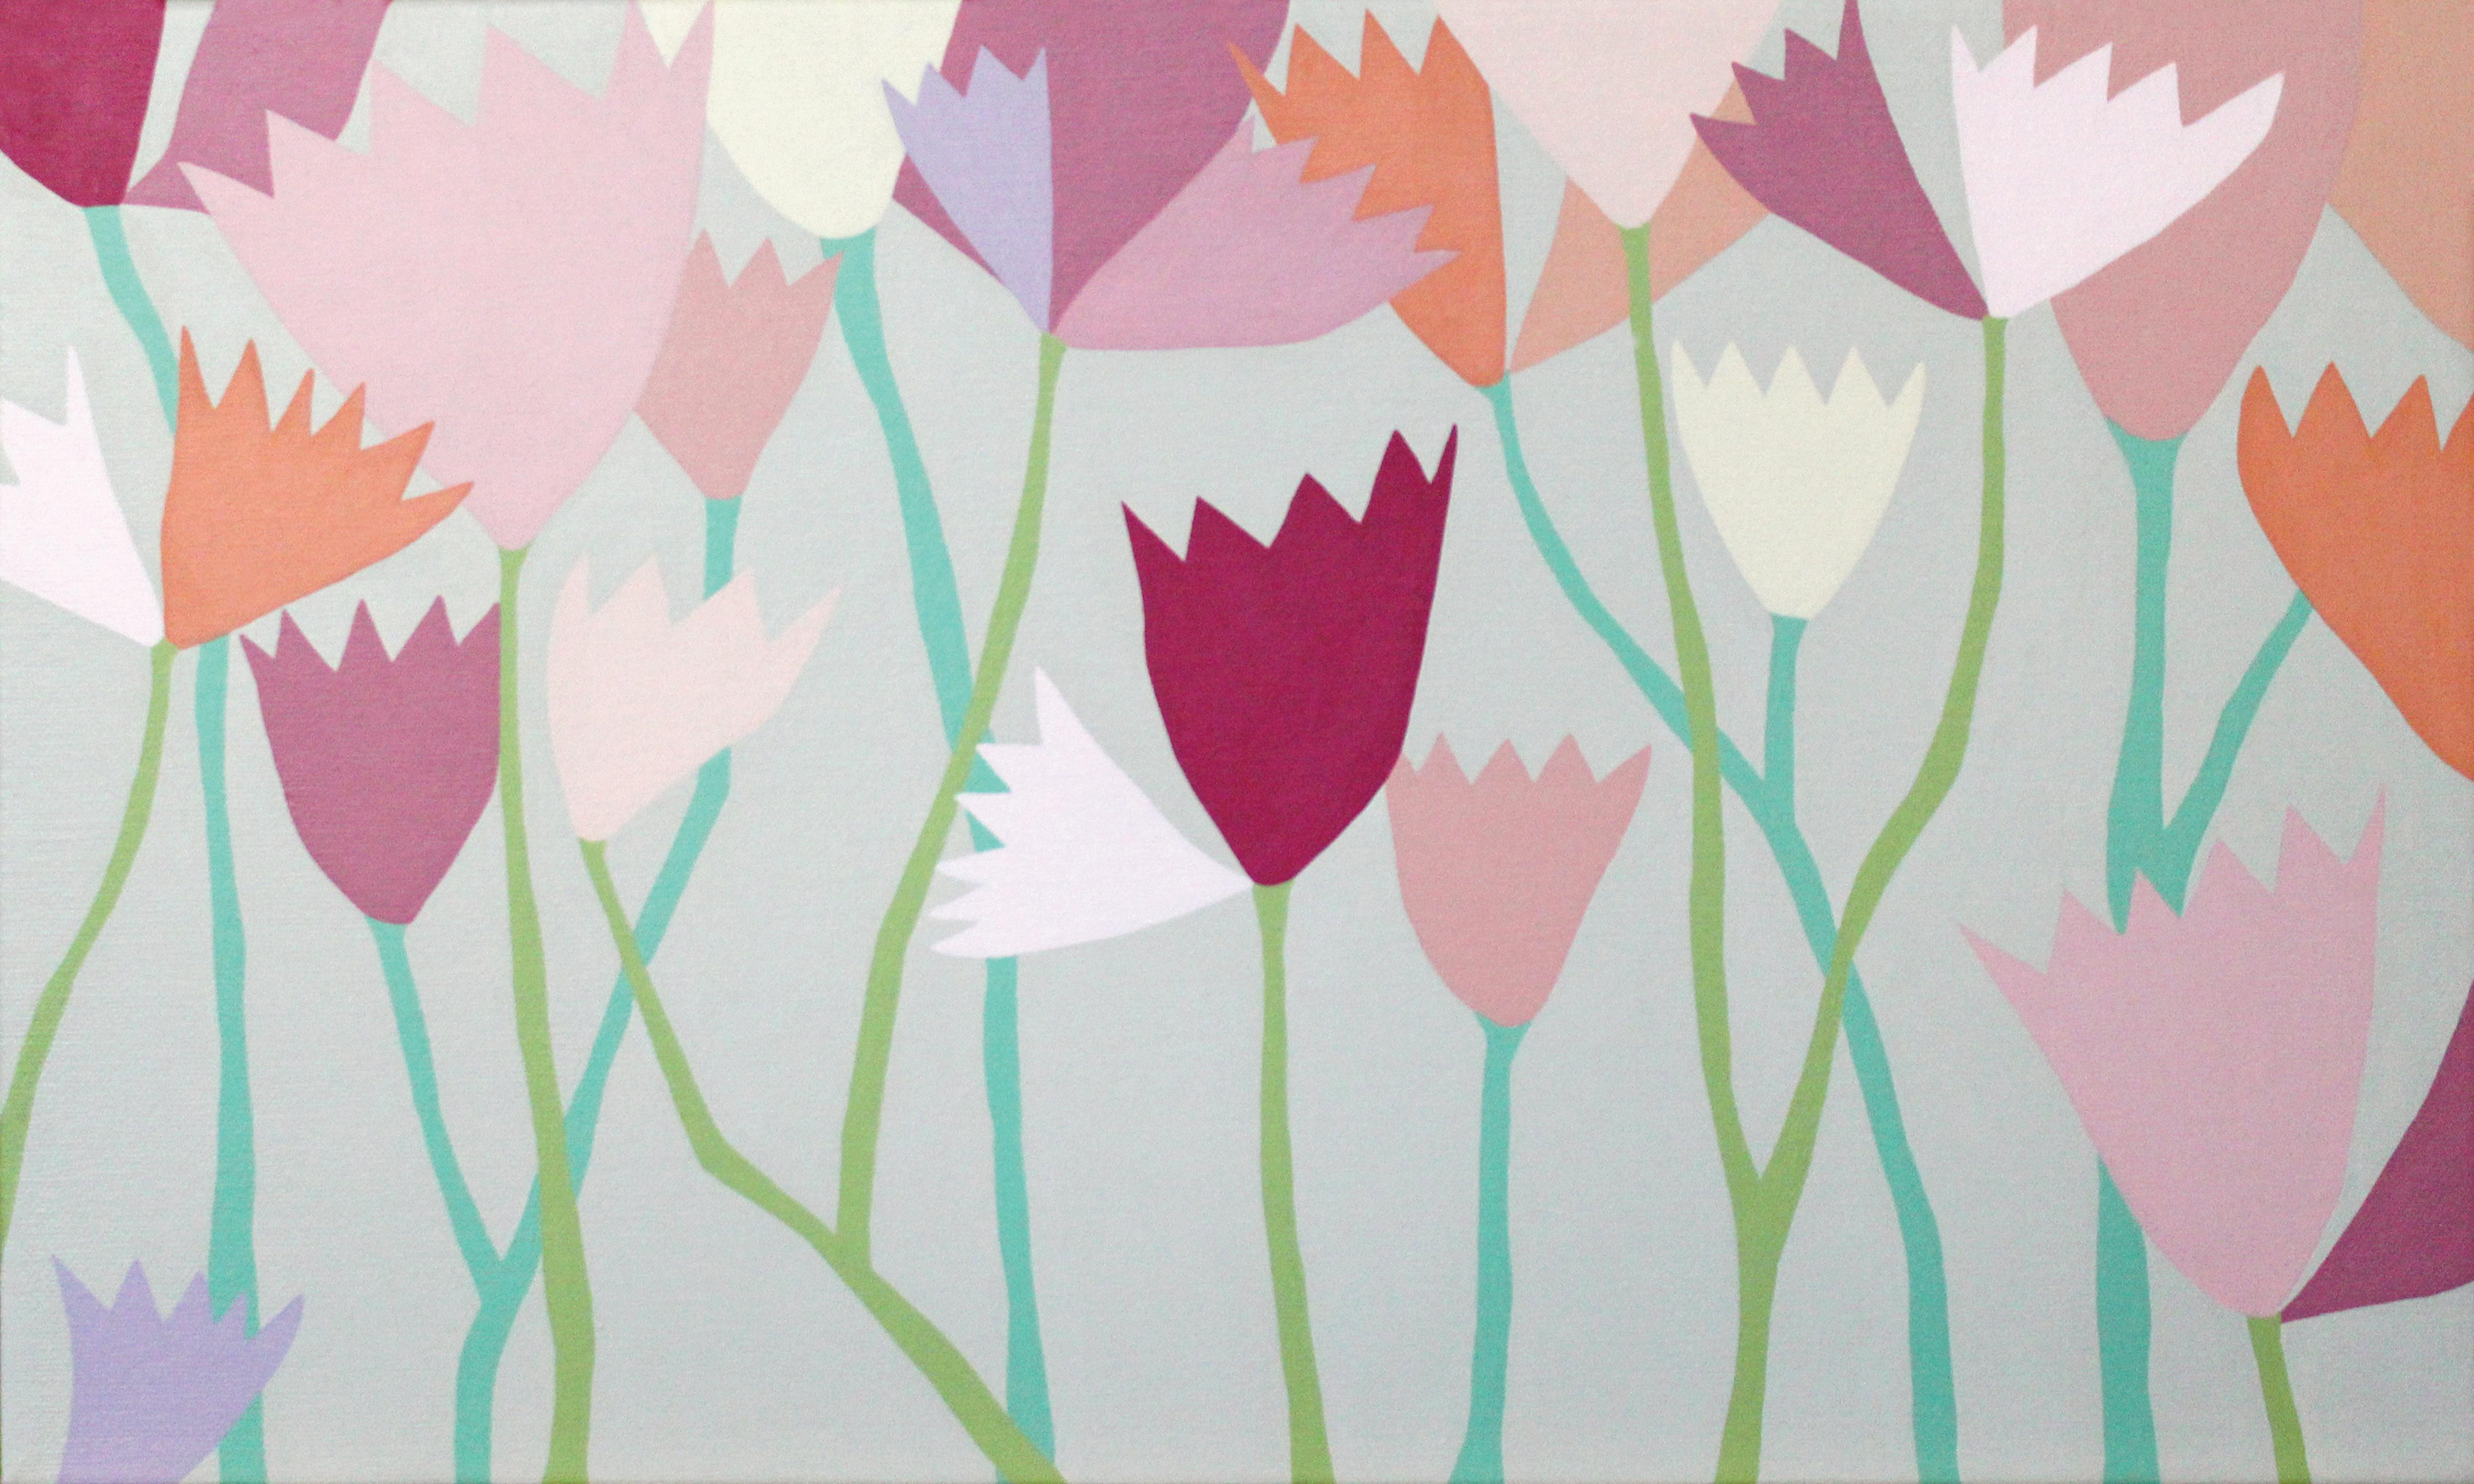 박노을, bloom 1